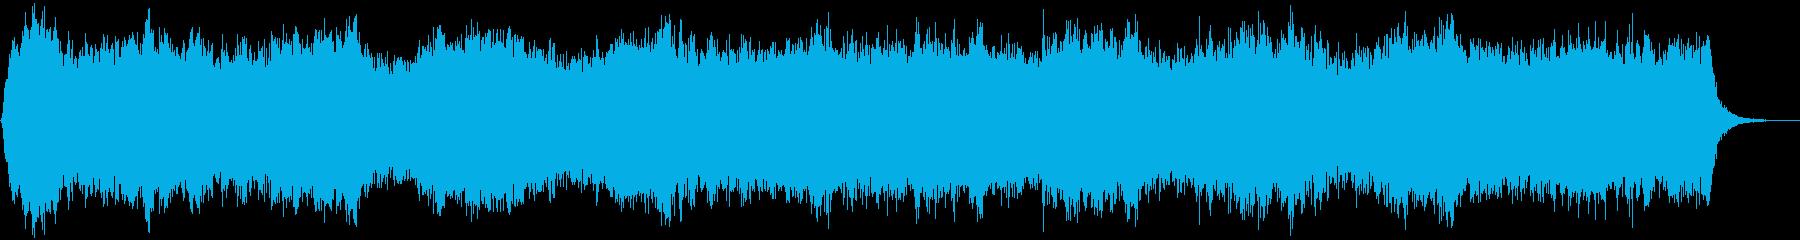 神秘02の再生済みの波形